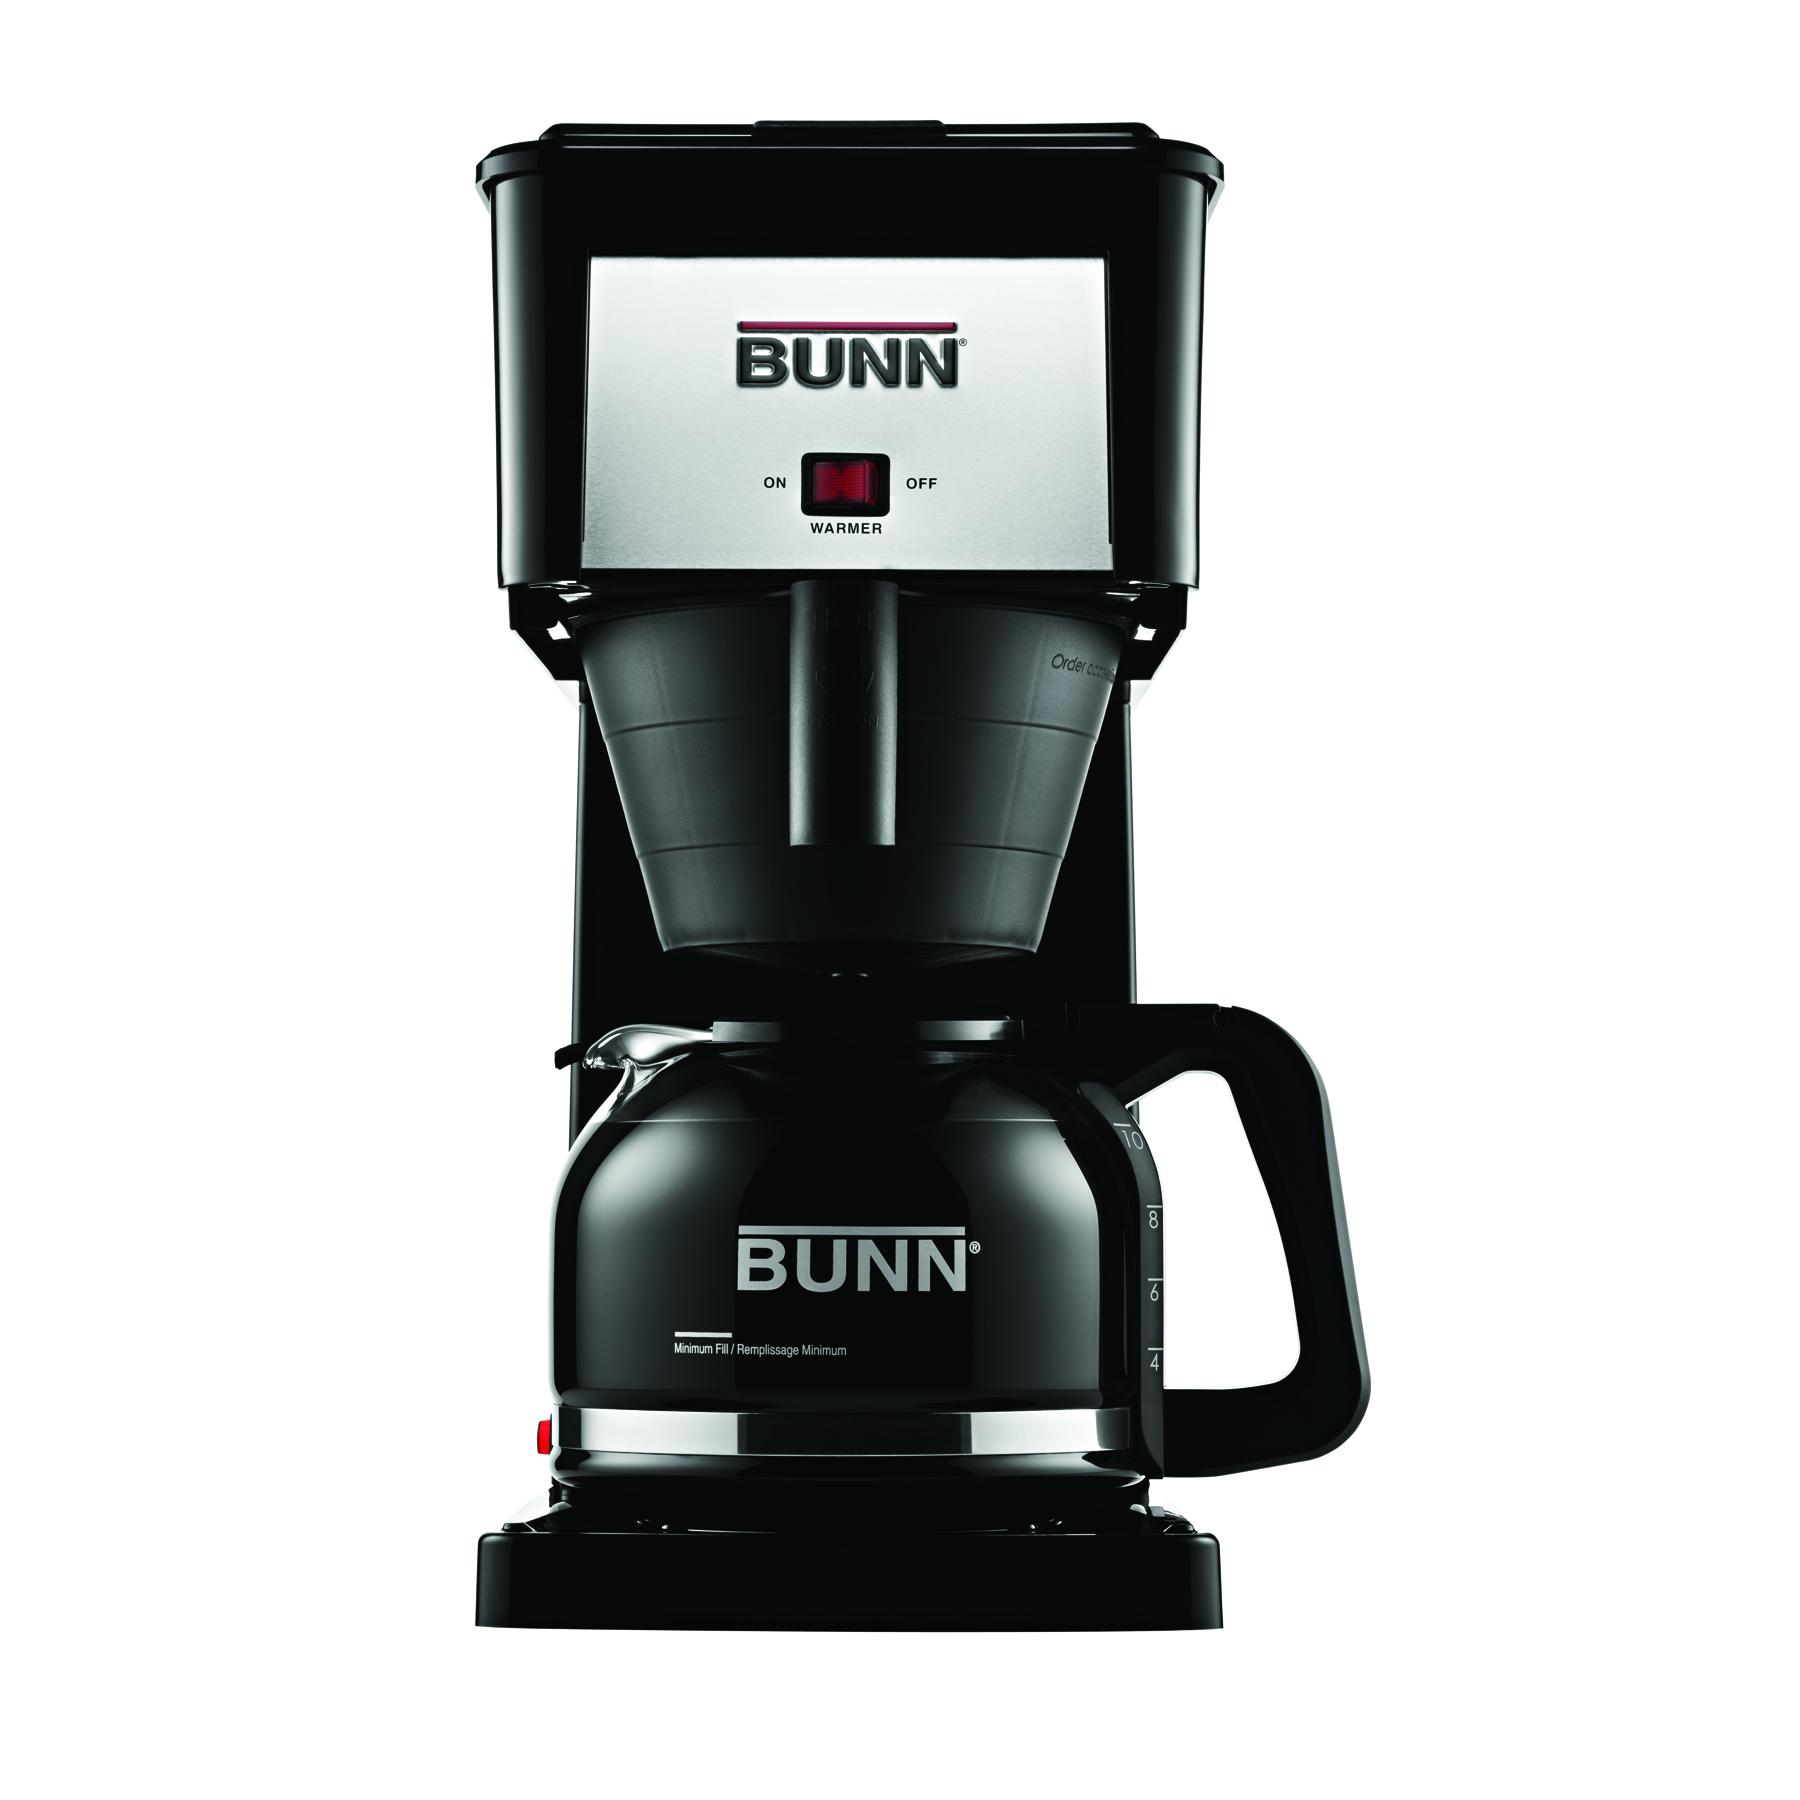 BUNN® Speed Brew® Classic Black Coffee Maker, Model GRB - Walmart.com